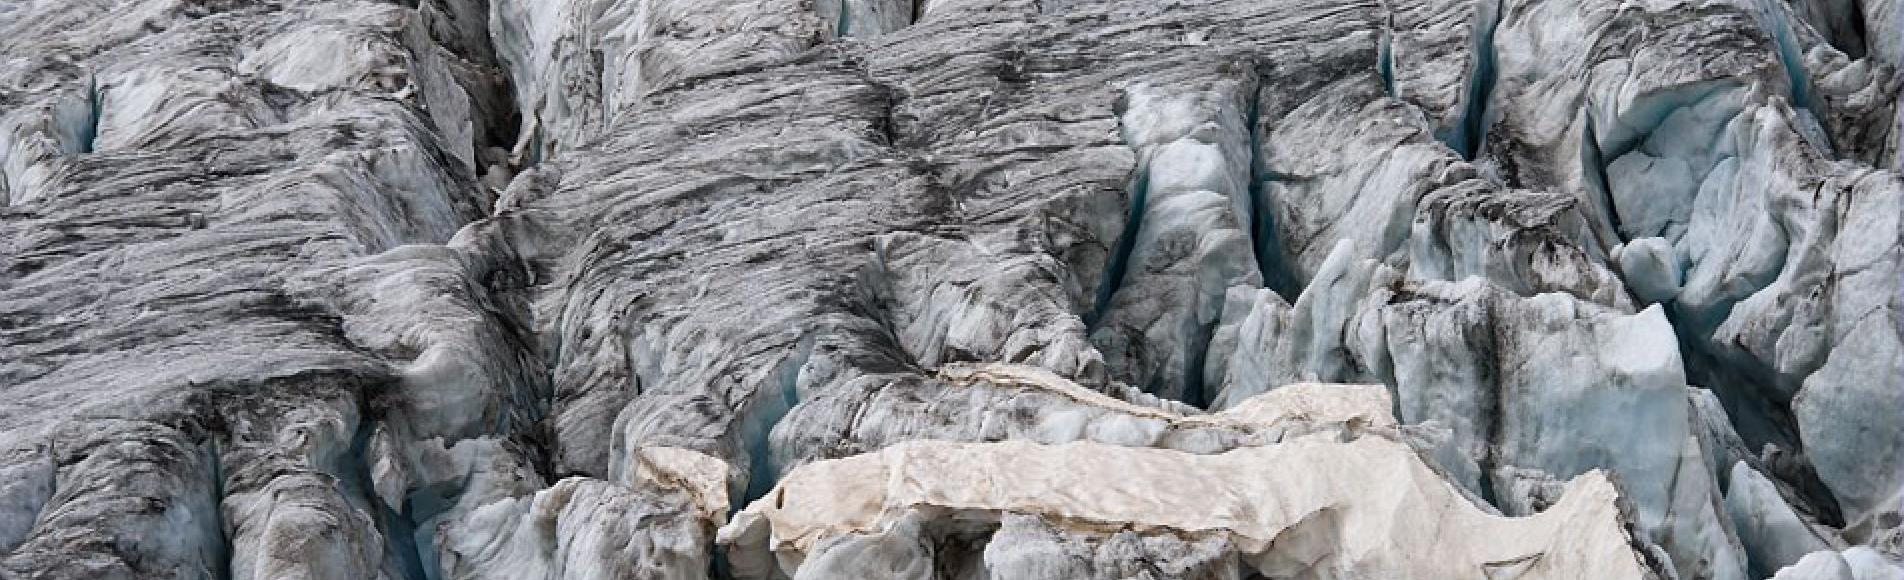 seracs glacier Blanc © M.Coulon - Parc national des Ecrins